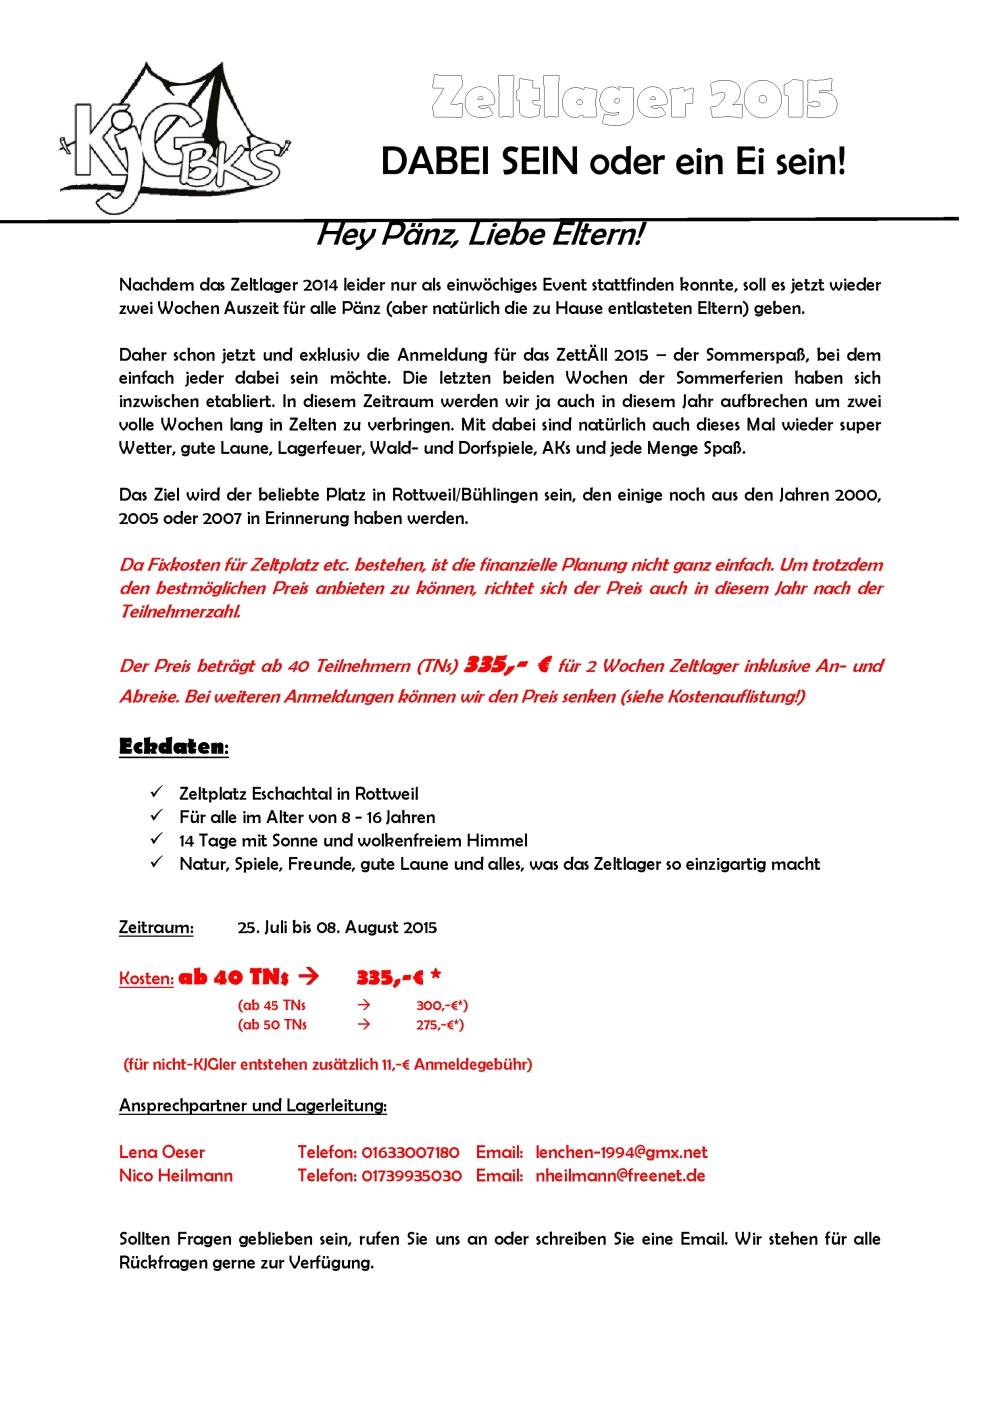 KJG Info